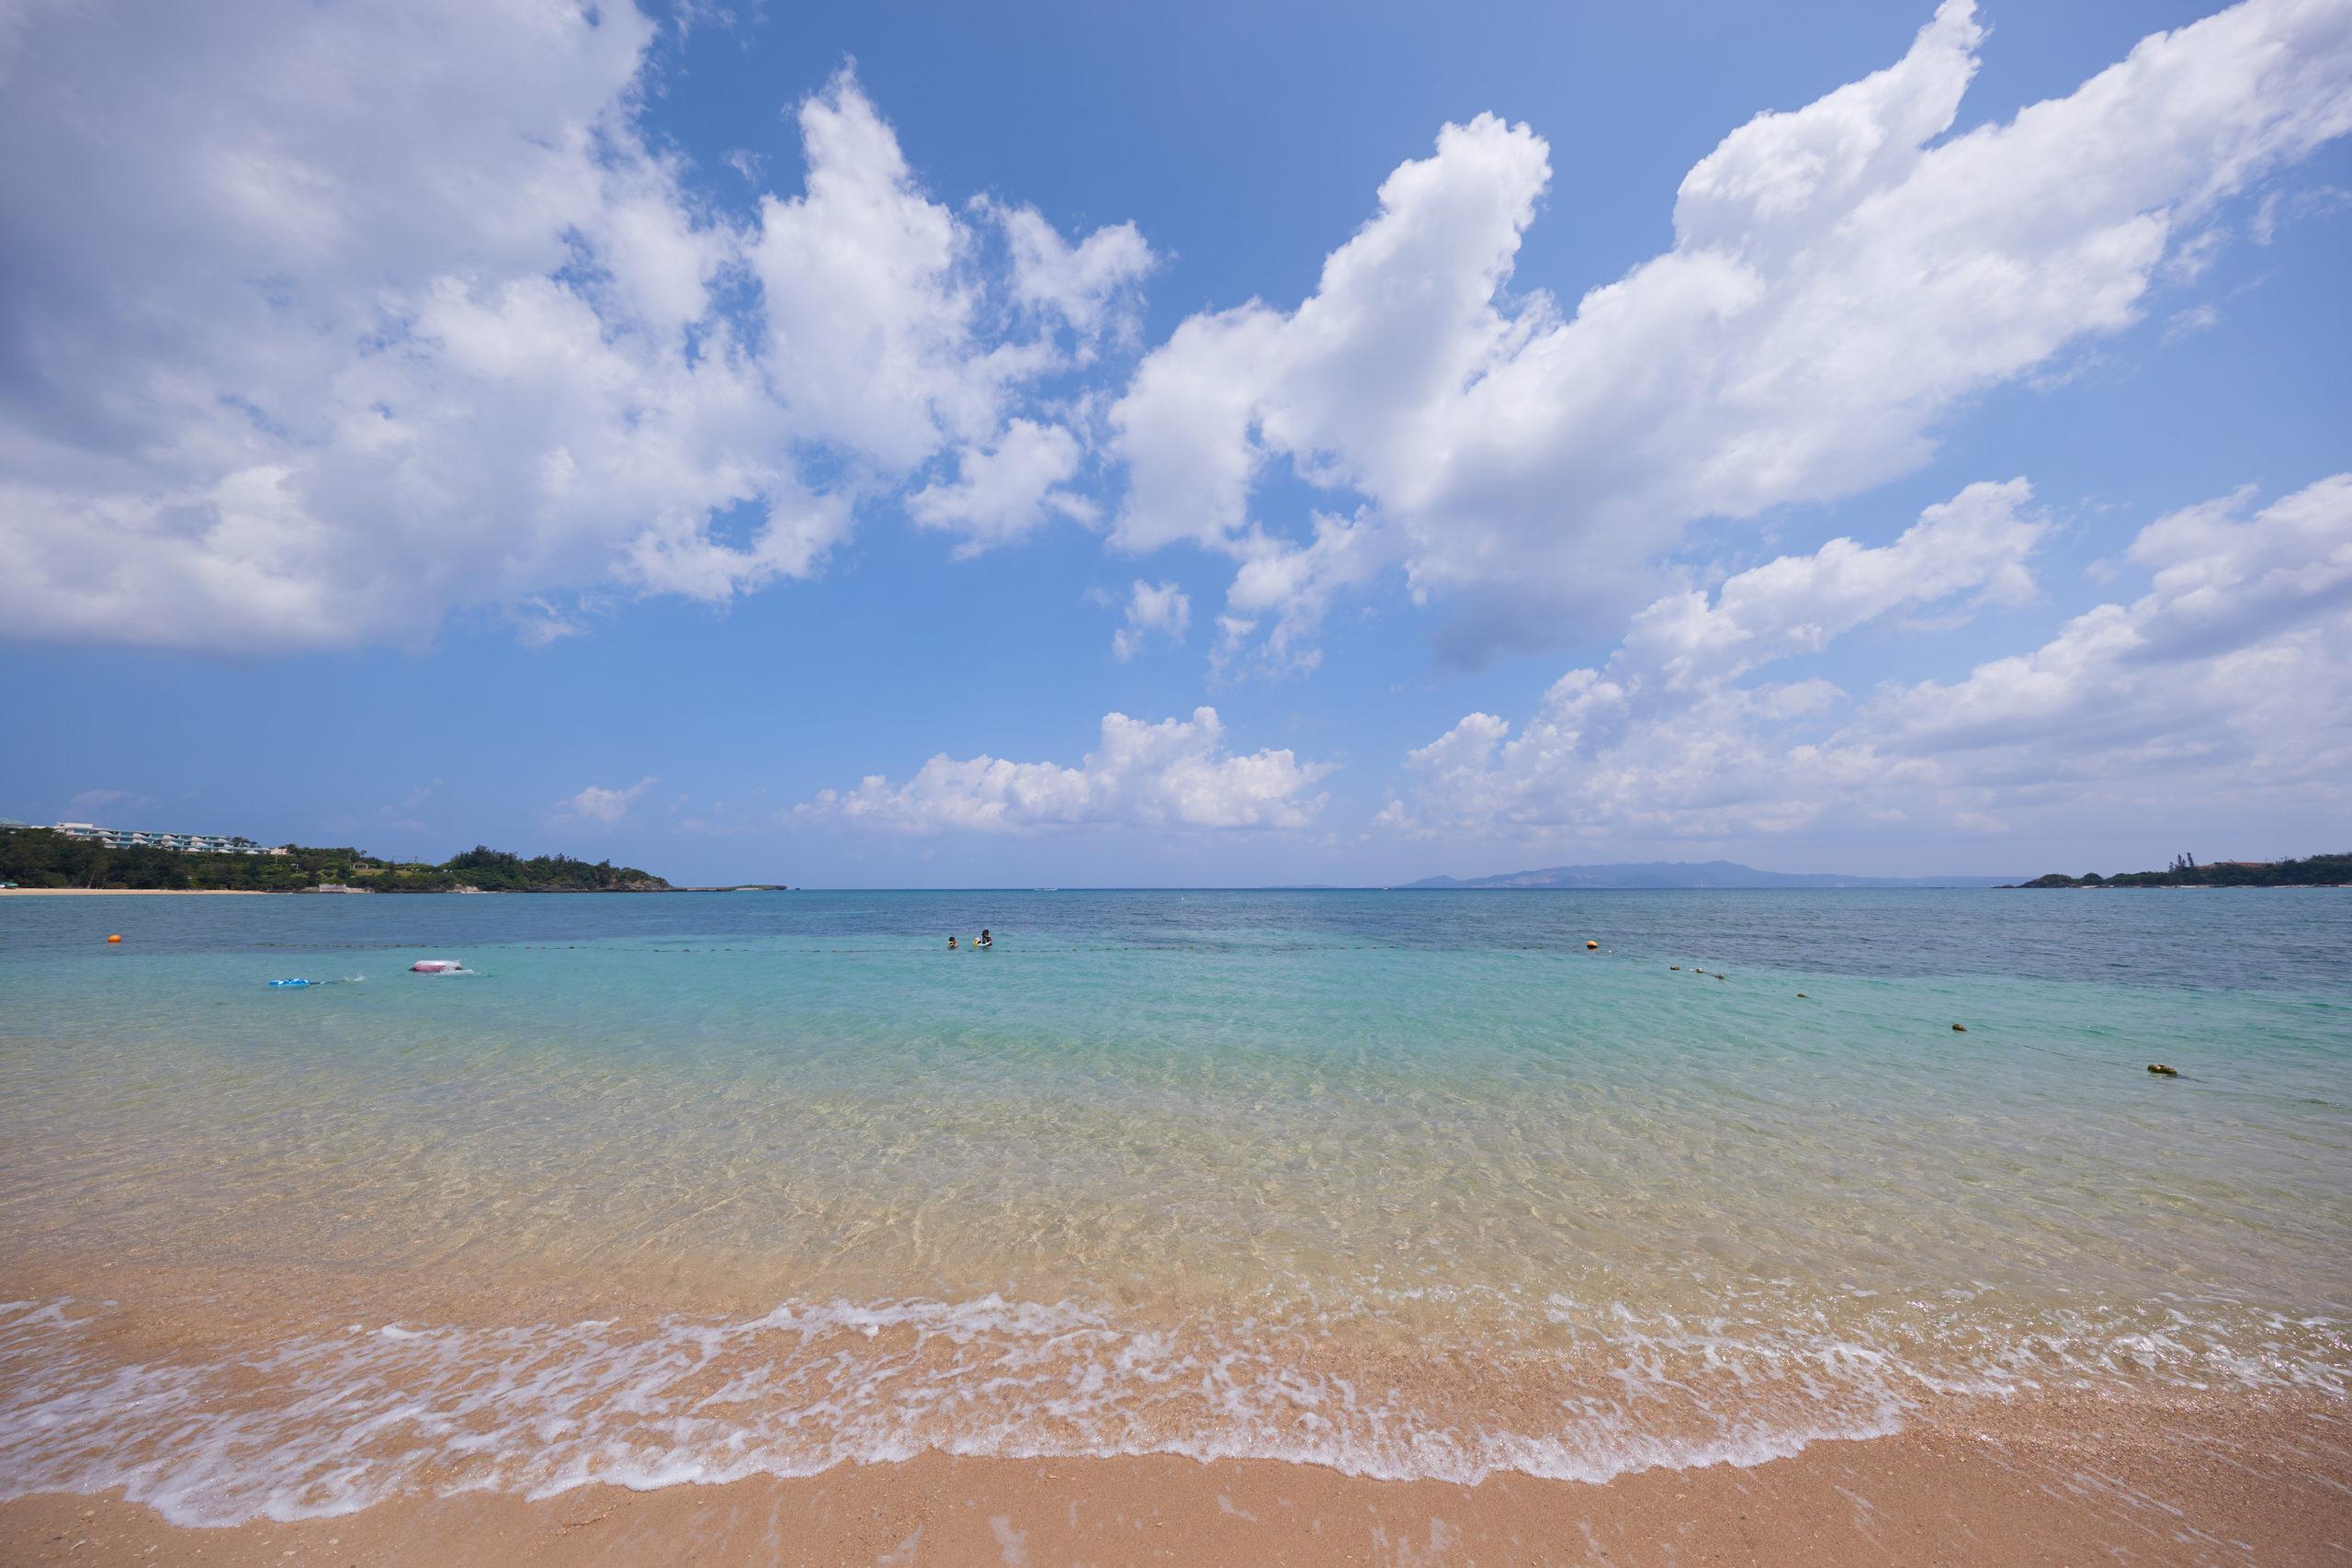 【海開き】2021年4月1日(木)に決定!今年もやってきた沖縄の夏